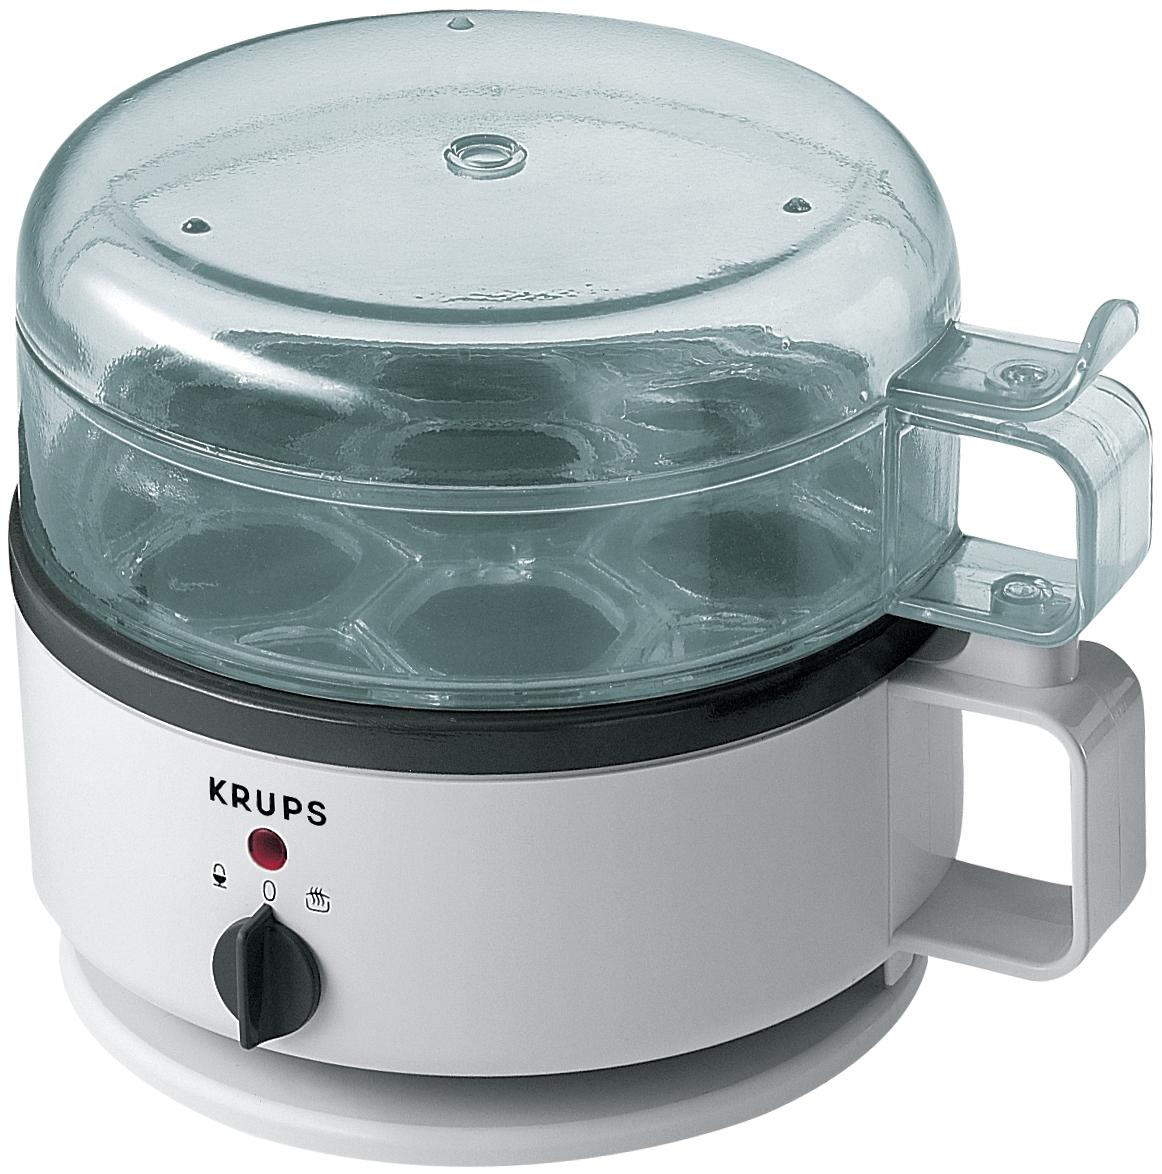 Krups White Egg Express Cooker